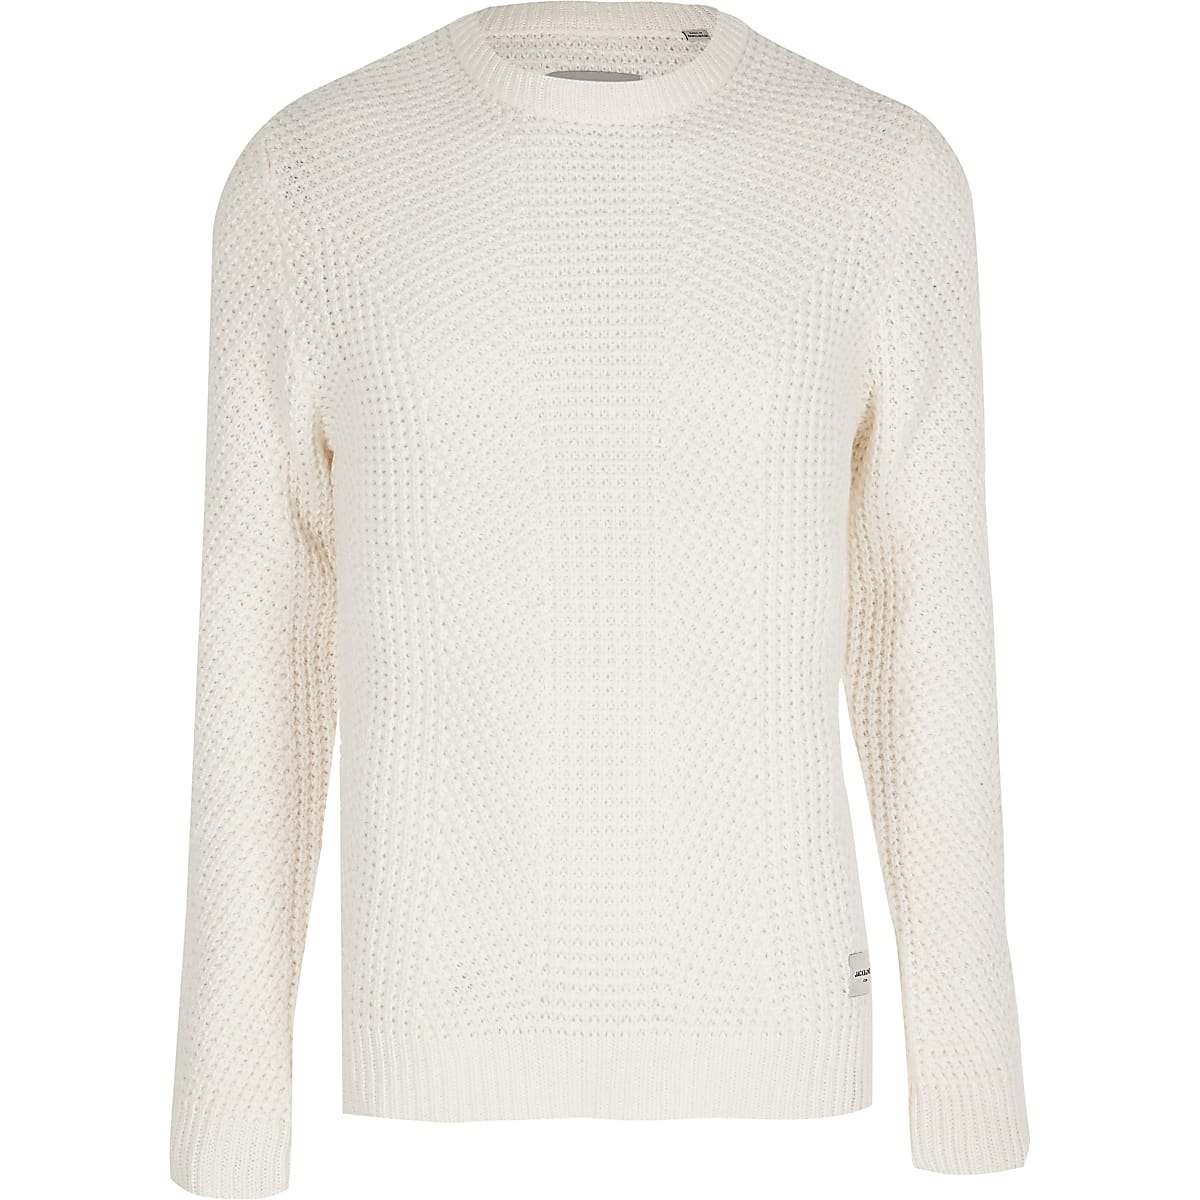 Jack and Jones - Witte gebreide pullover